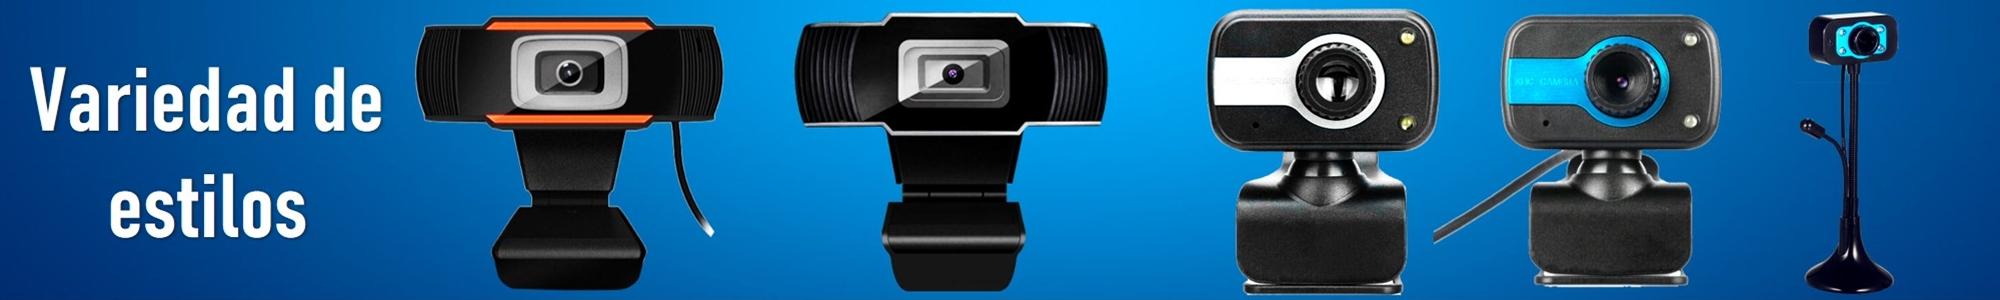 Variedad de webcams